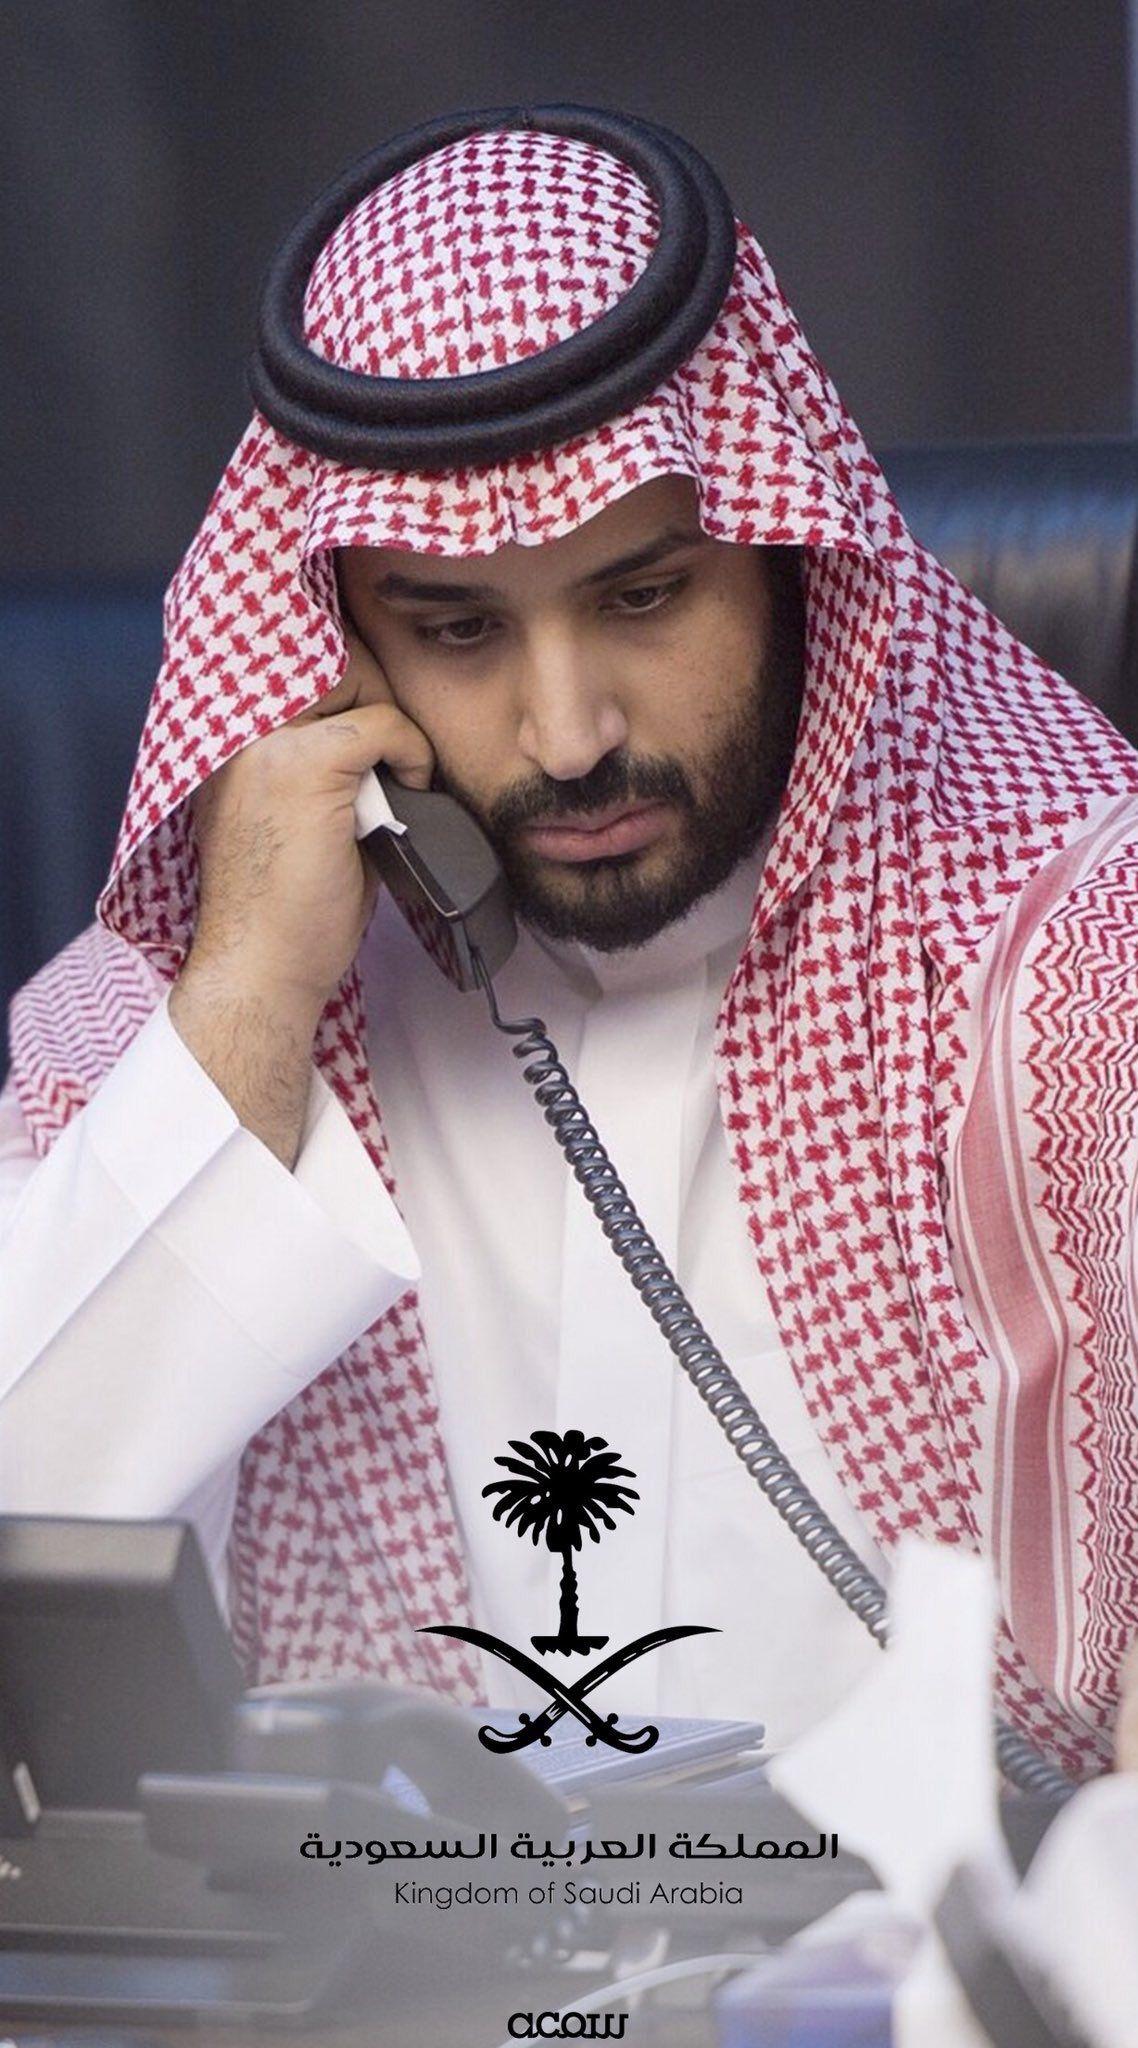 Pin By Qqqwrt On خلفيات Handsome Arab Men Ksa Saudi Arabia Arab Men Fashion